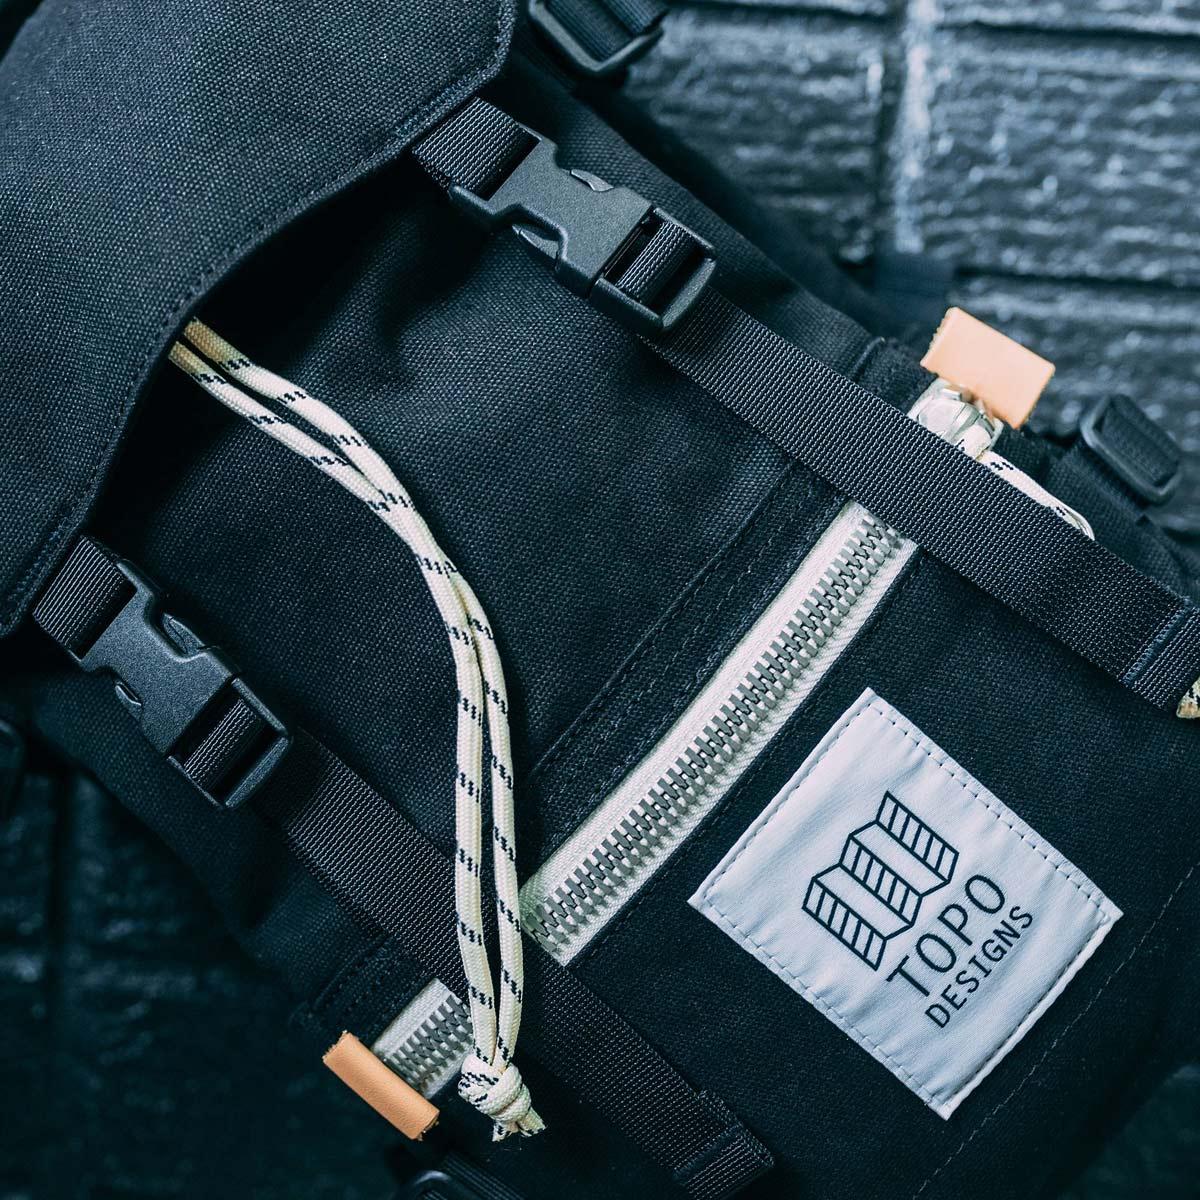 Topo Designs Rover Pack - Mini Canvas Black, statement-makende rugtas met de perfecte maat om boodschappen mee te doen of mee te nemen tijdens een wandeling